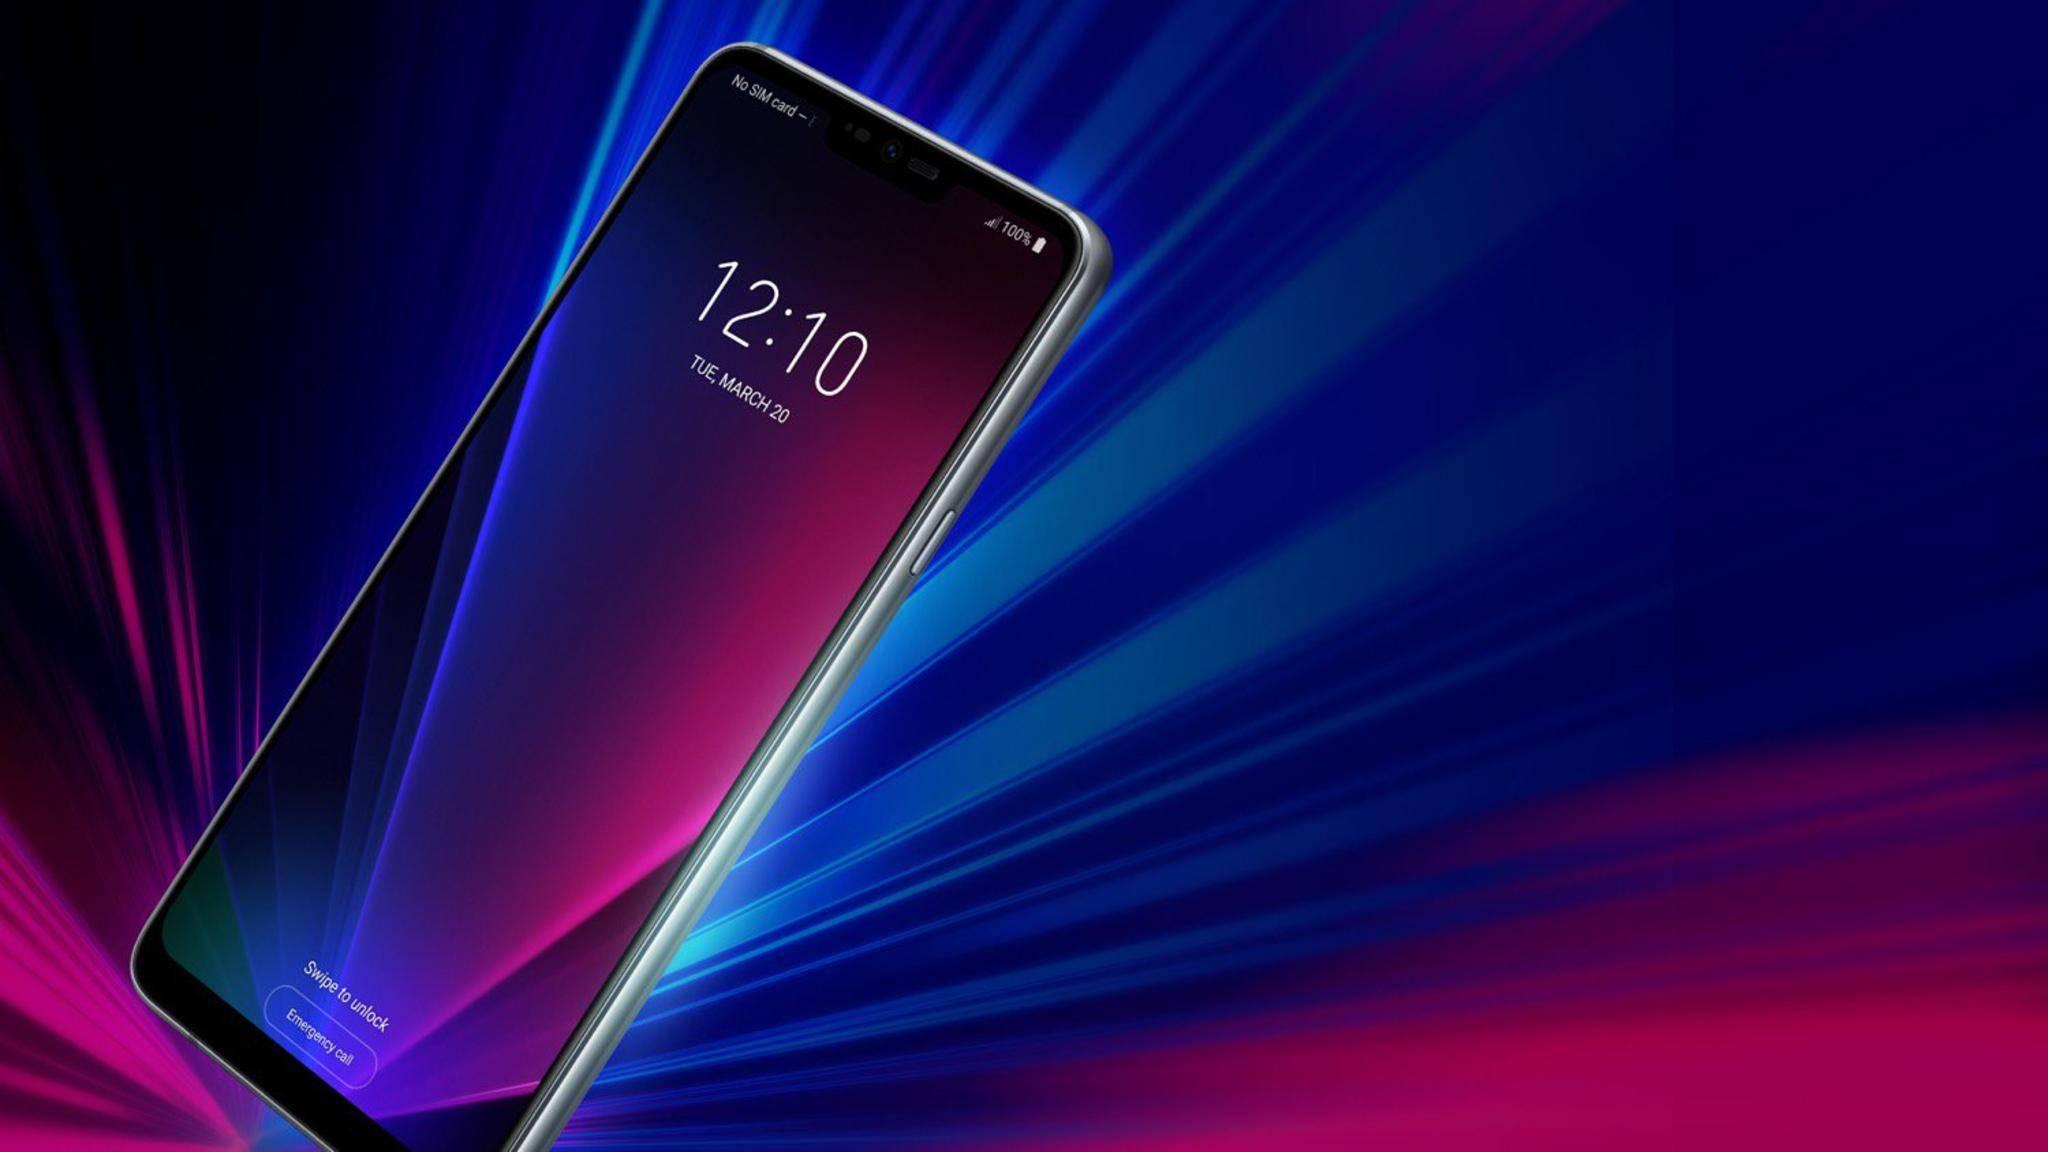 Das LG G7 ThinQ wird eines der Highlights im Mai.